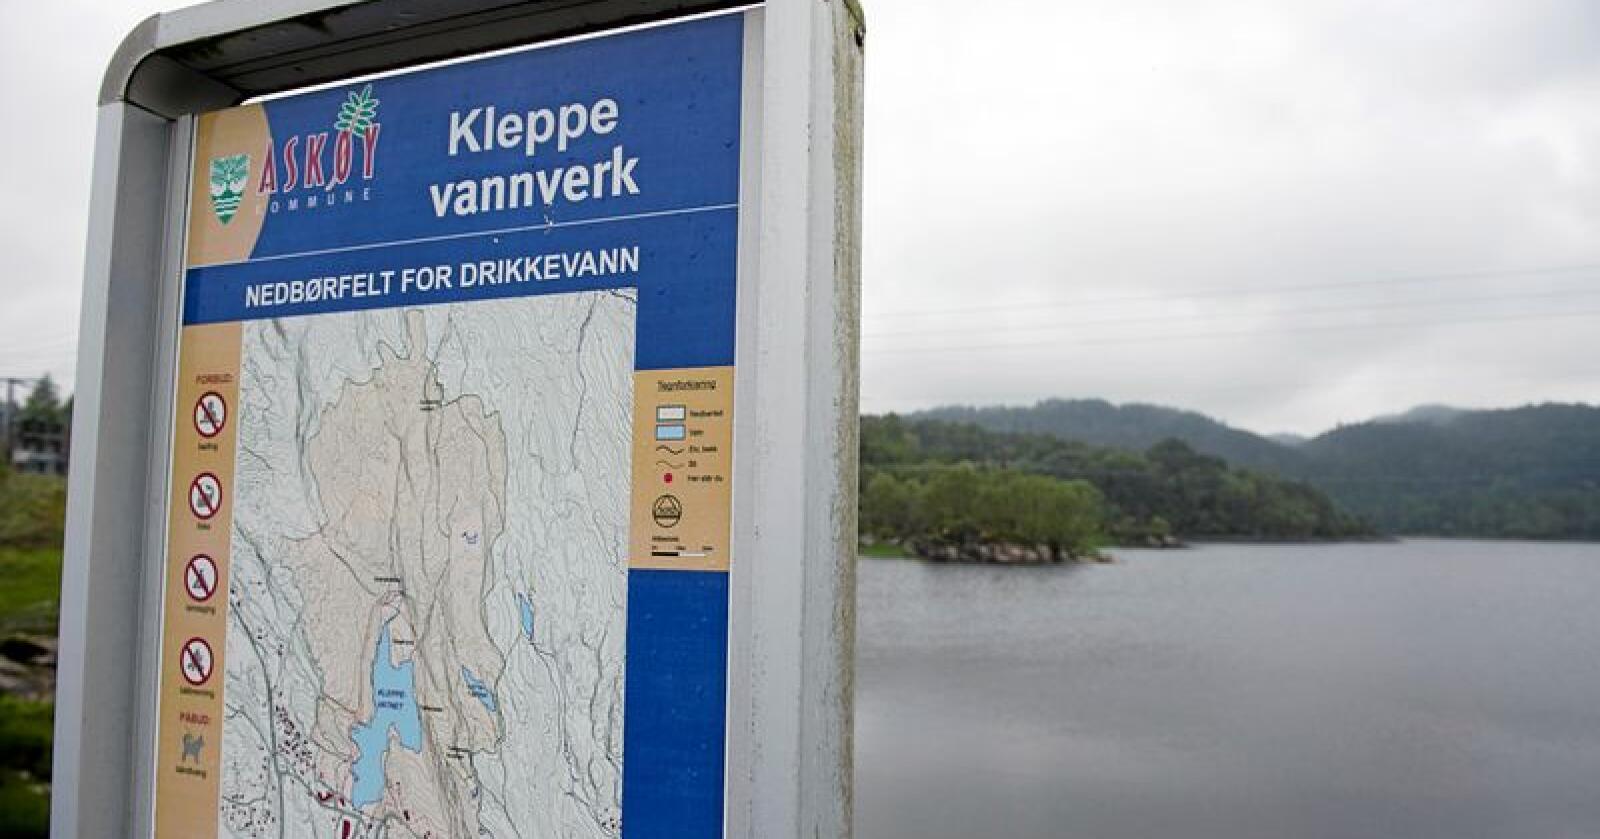 Rundt 50 personer har vært innom legevakten på Askøy med symptomer som feber, diaré og magesmerter på grunn av mistanke om smitte via Kleppe vannverk på Askøy.  Foto: Marit Hommedal / Scanpix